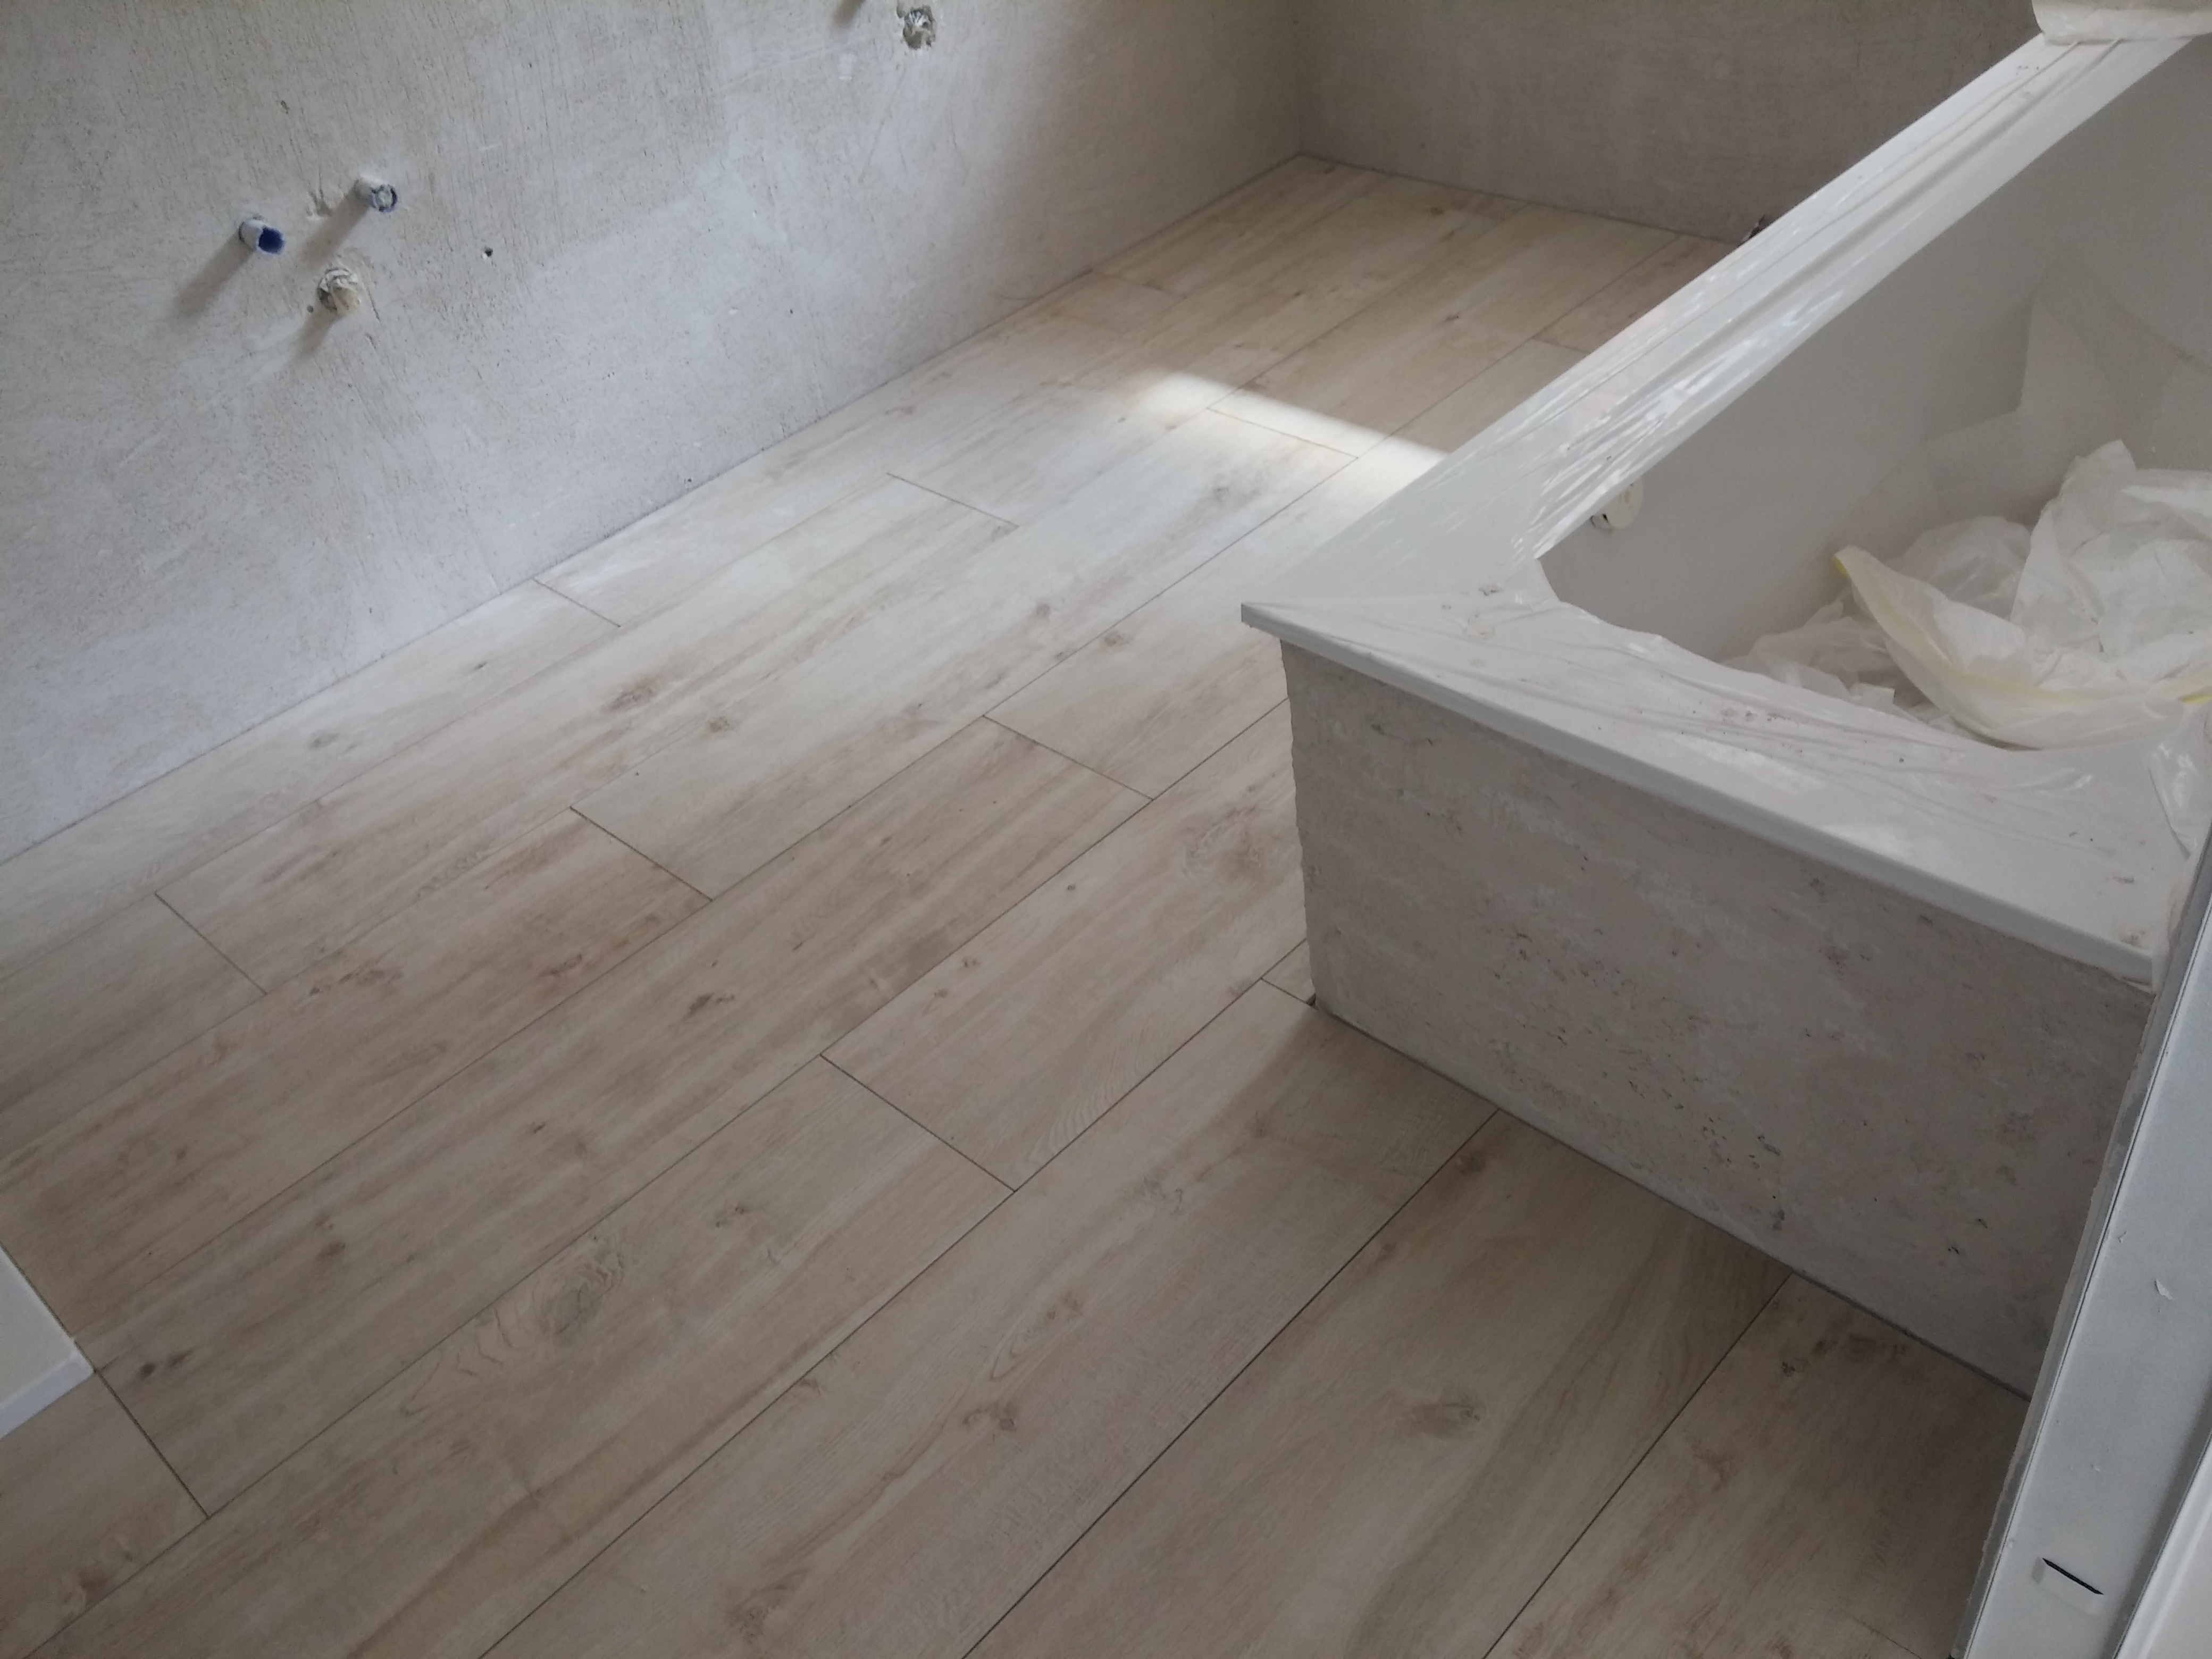 Pavimento in gres effetto legno pavimento effetto legno - Levigare il parquet senza togliere i mobili ...